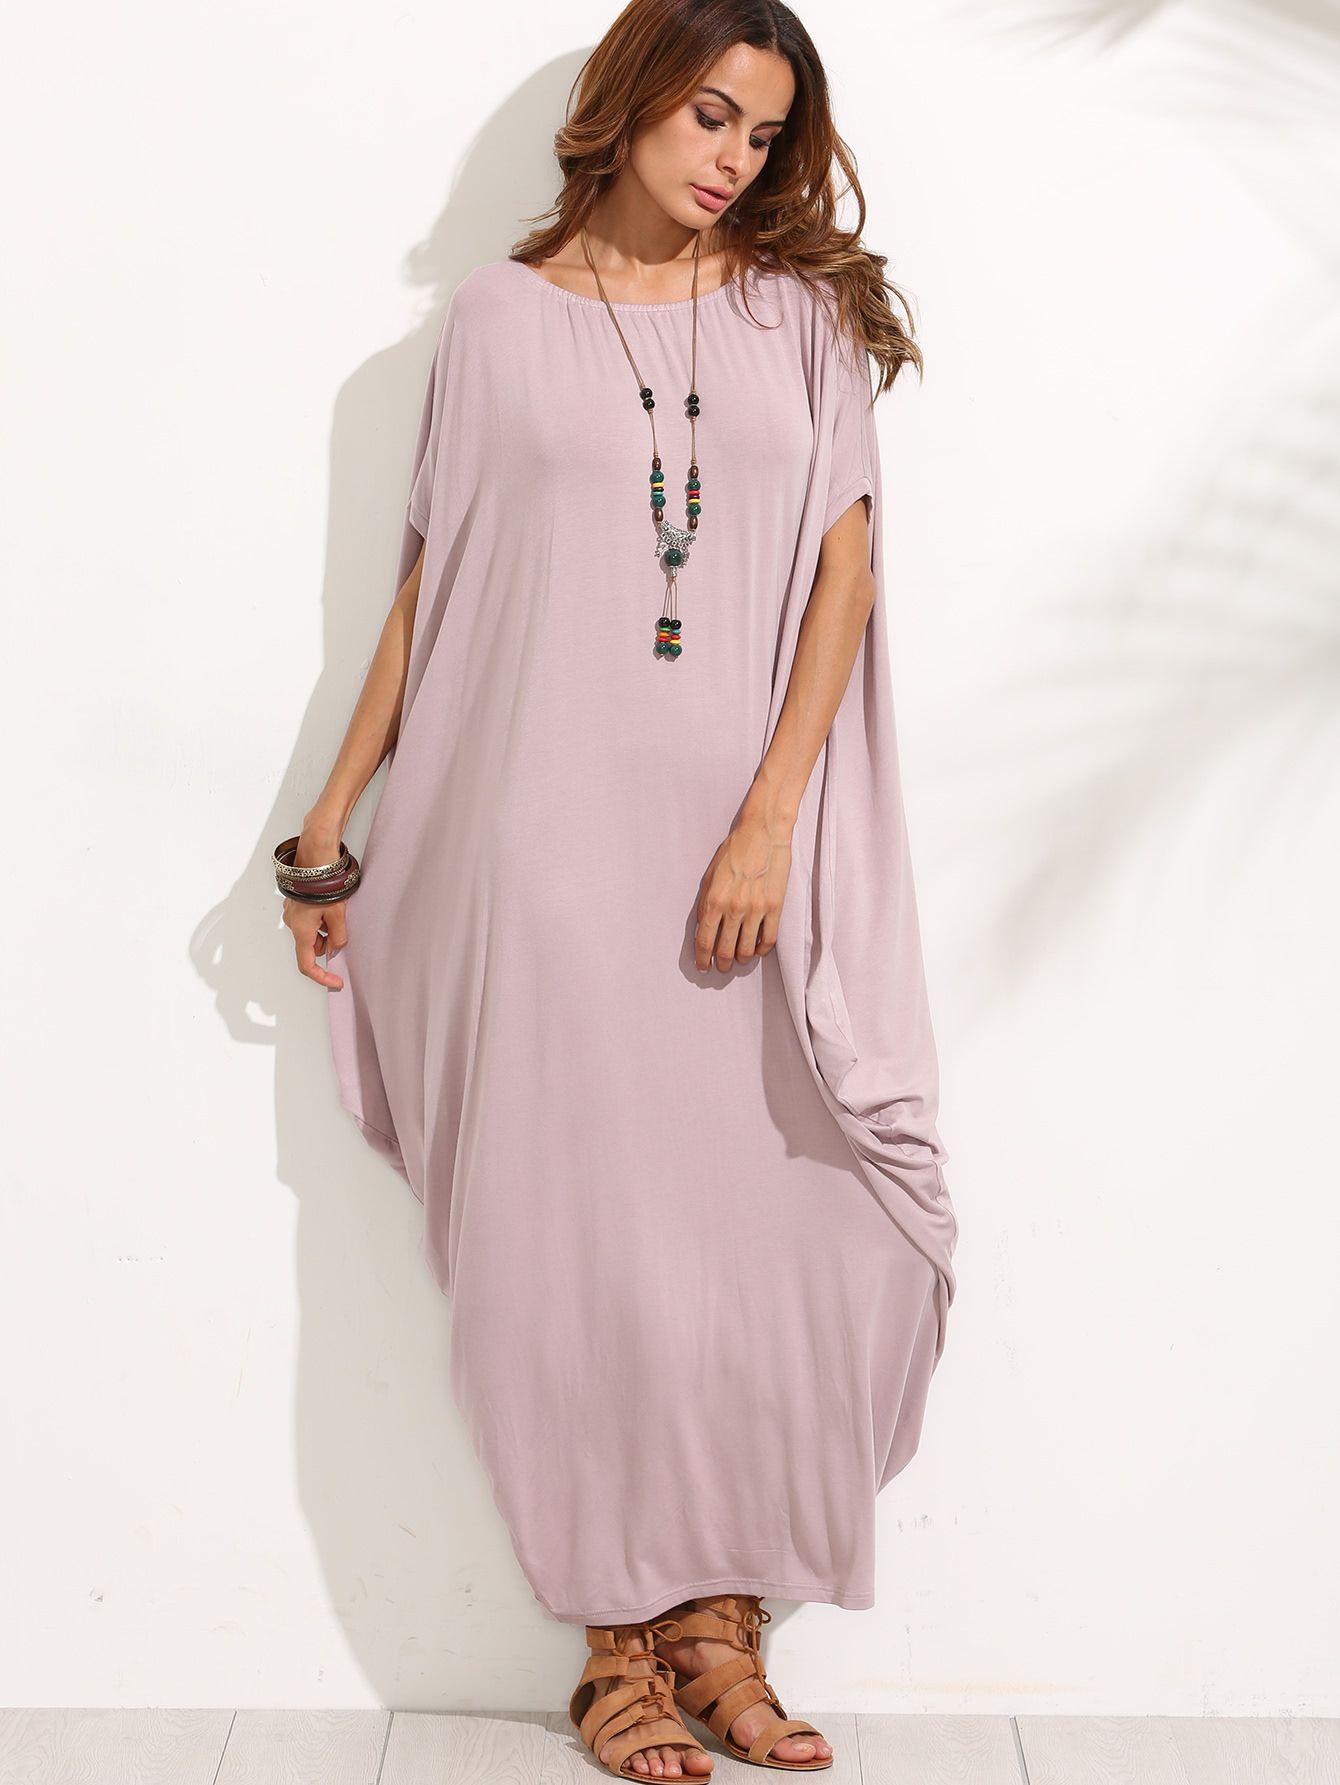 new style 99286 364a9 Abiti lunghi estivi shop online – Vestiti da cerimonia